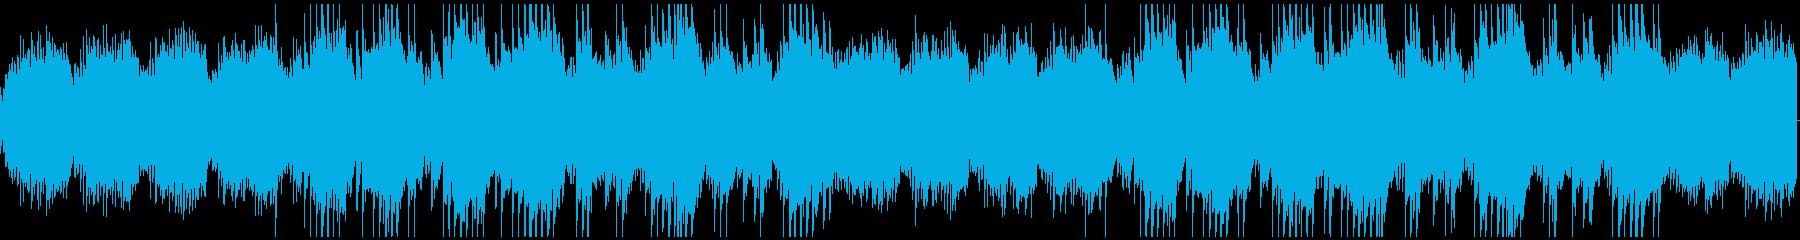 【RPG アプリ等】悲しげなピアノ曲の再生済みの波形